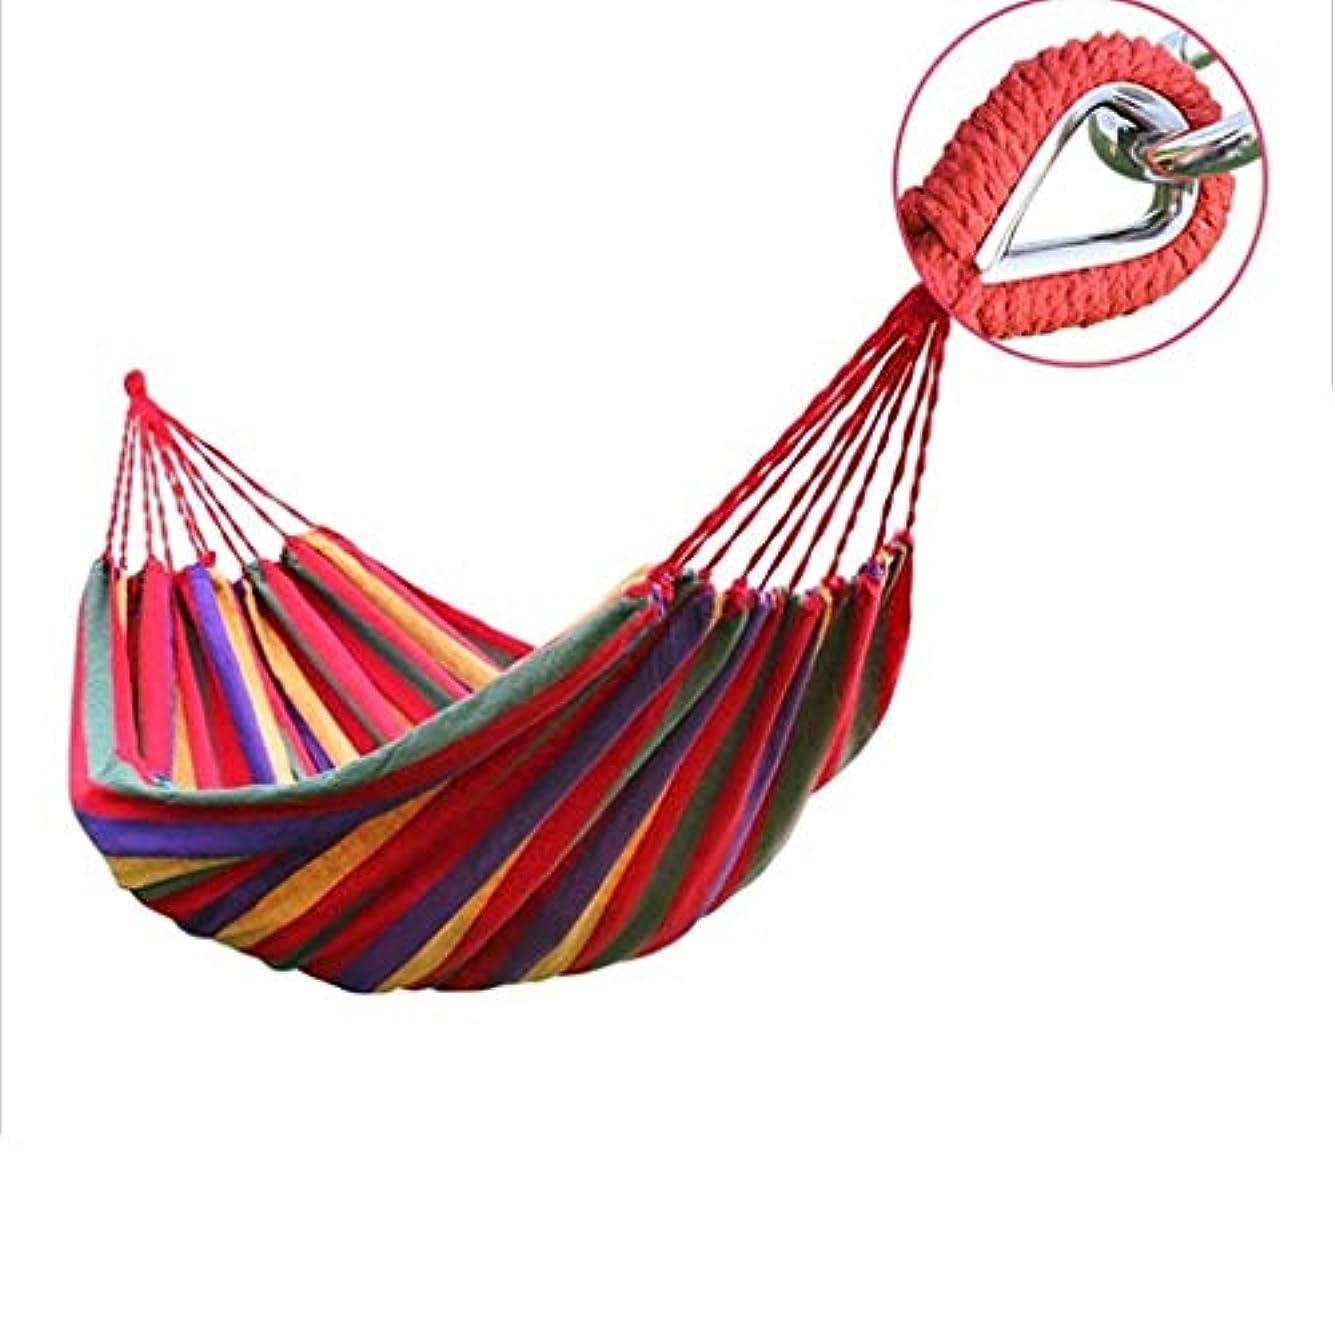 類人猿フローリマークZAQXSW-dc 反ロールオーバーの厚いキャンバスハンモックアウトドアダブル世帯大人の睡眠シングル屋内スイングを広げると増加 (Color : Red)